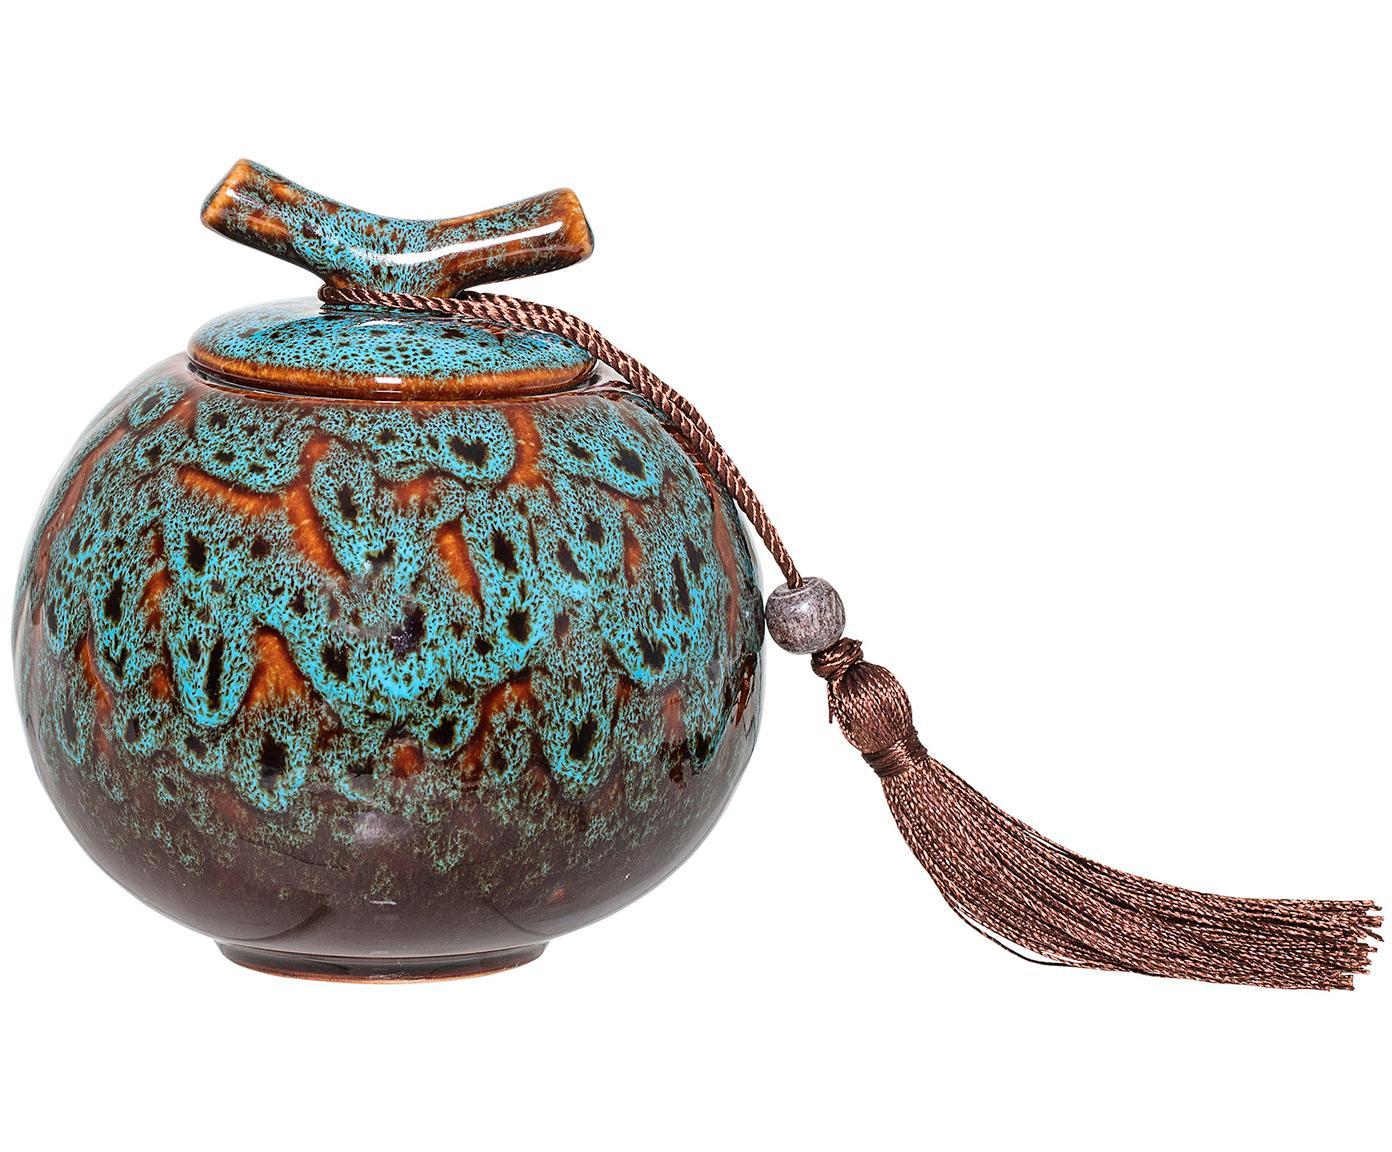 Contenitore con coperchio Ebba, Contenitore: gres, Tonalità turchesi, tonalità marroni Nappa: marrone rossiccio, Ø 11 x Alt. 13 cm